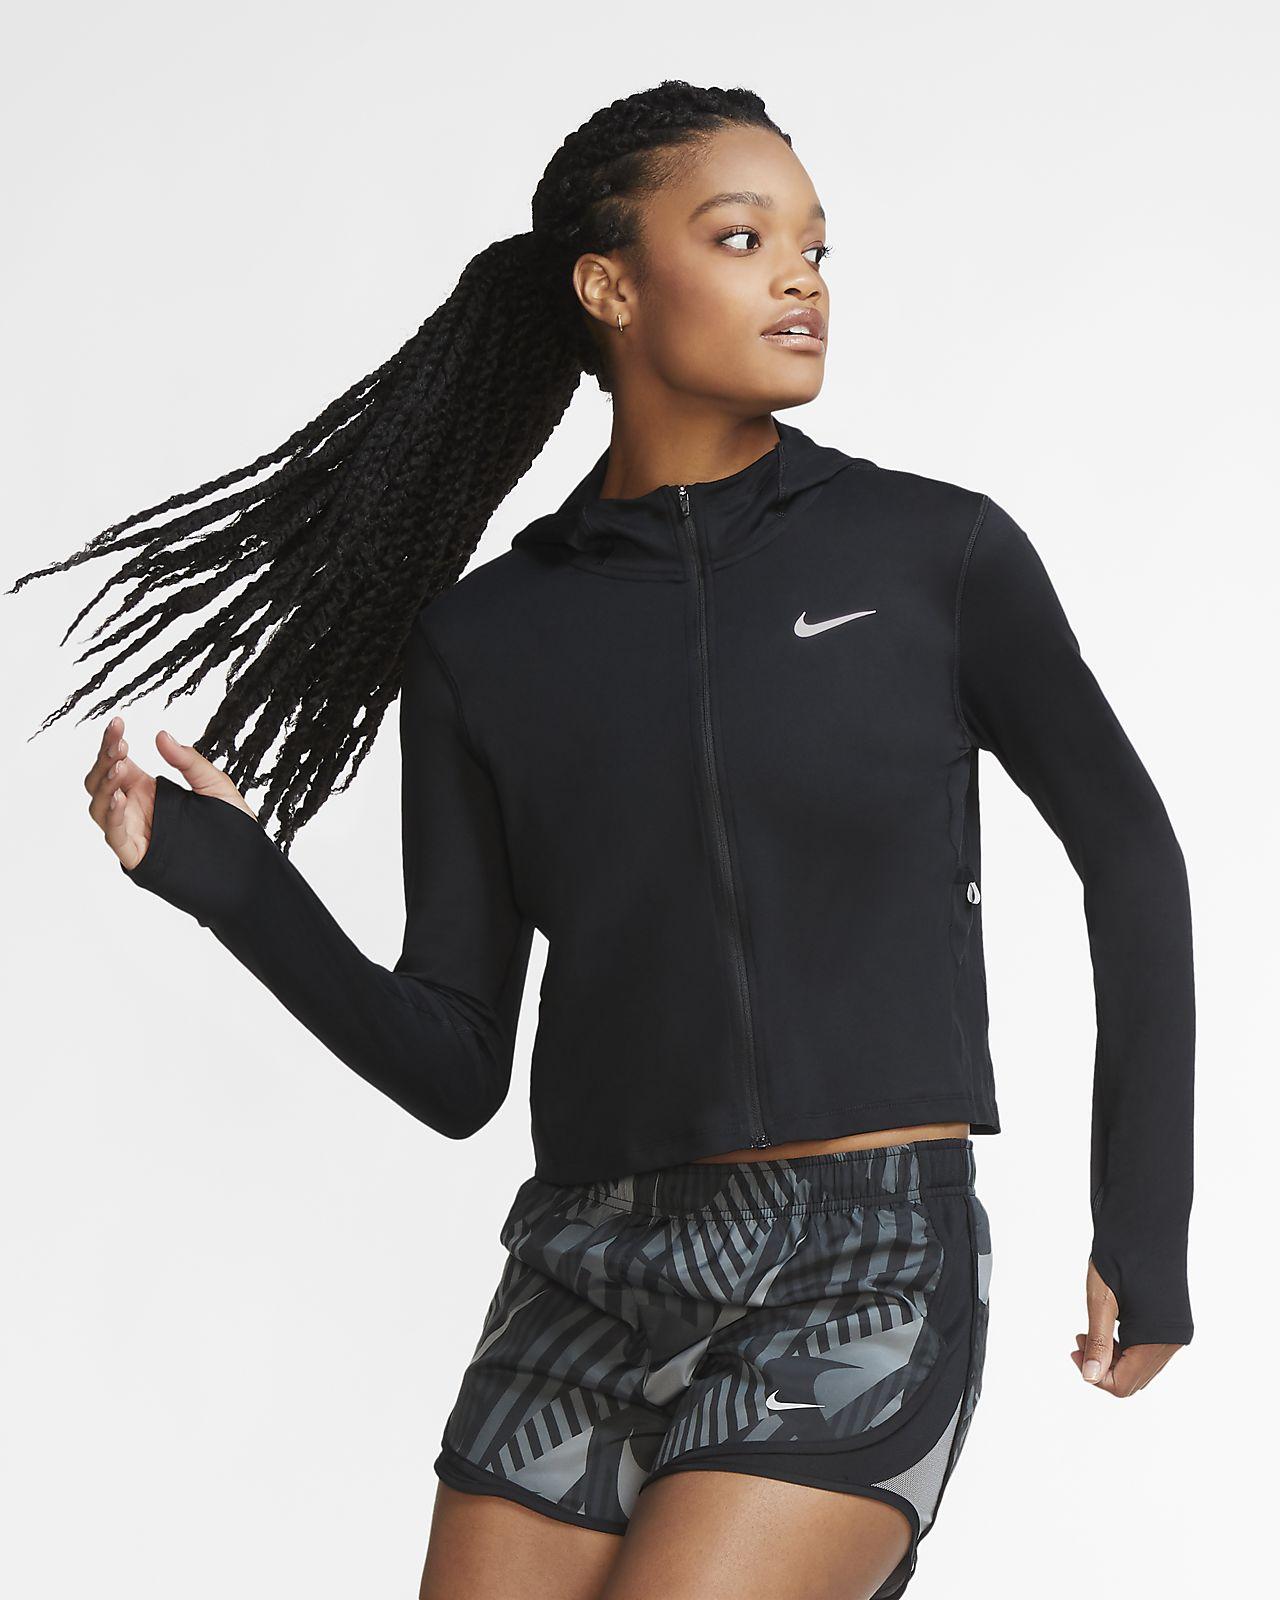 Nike Women's Full-Zip Running Top